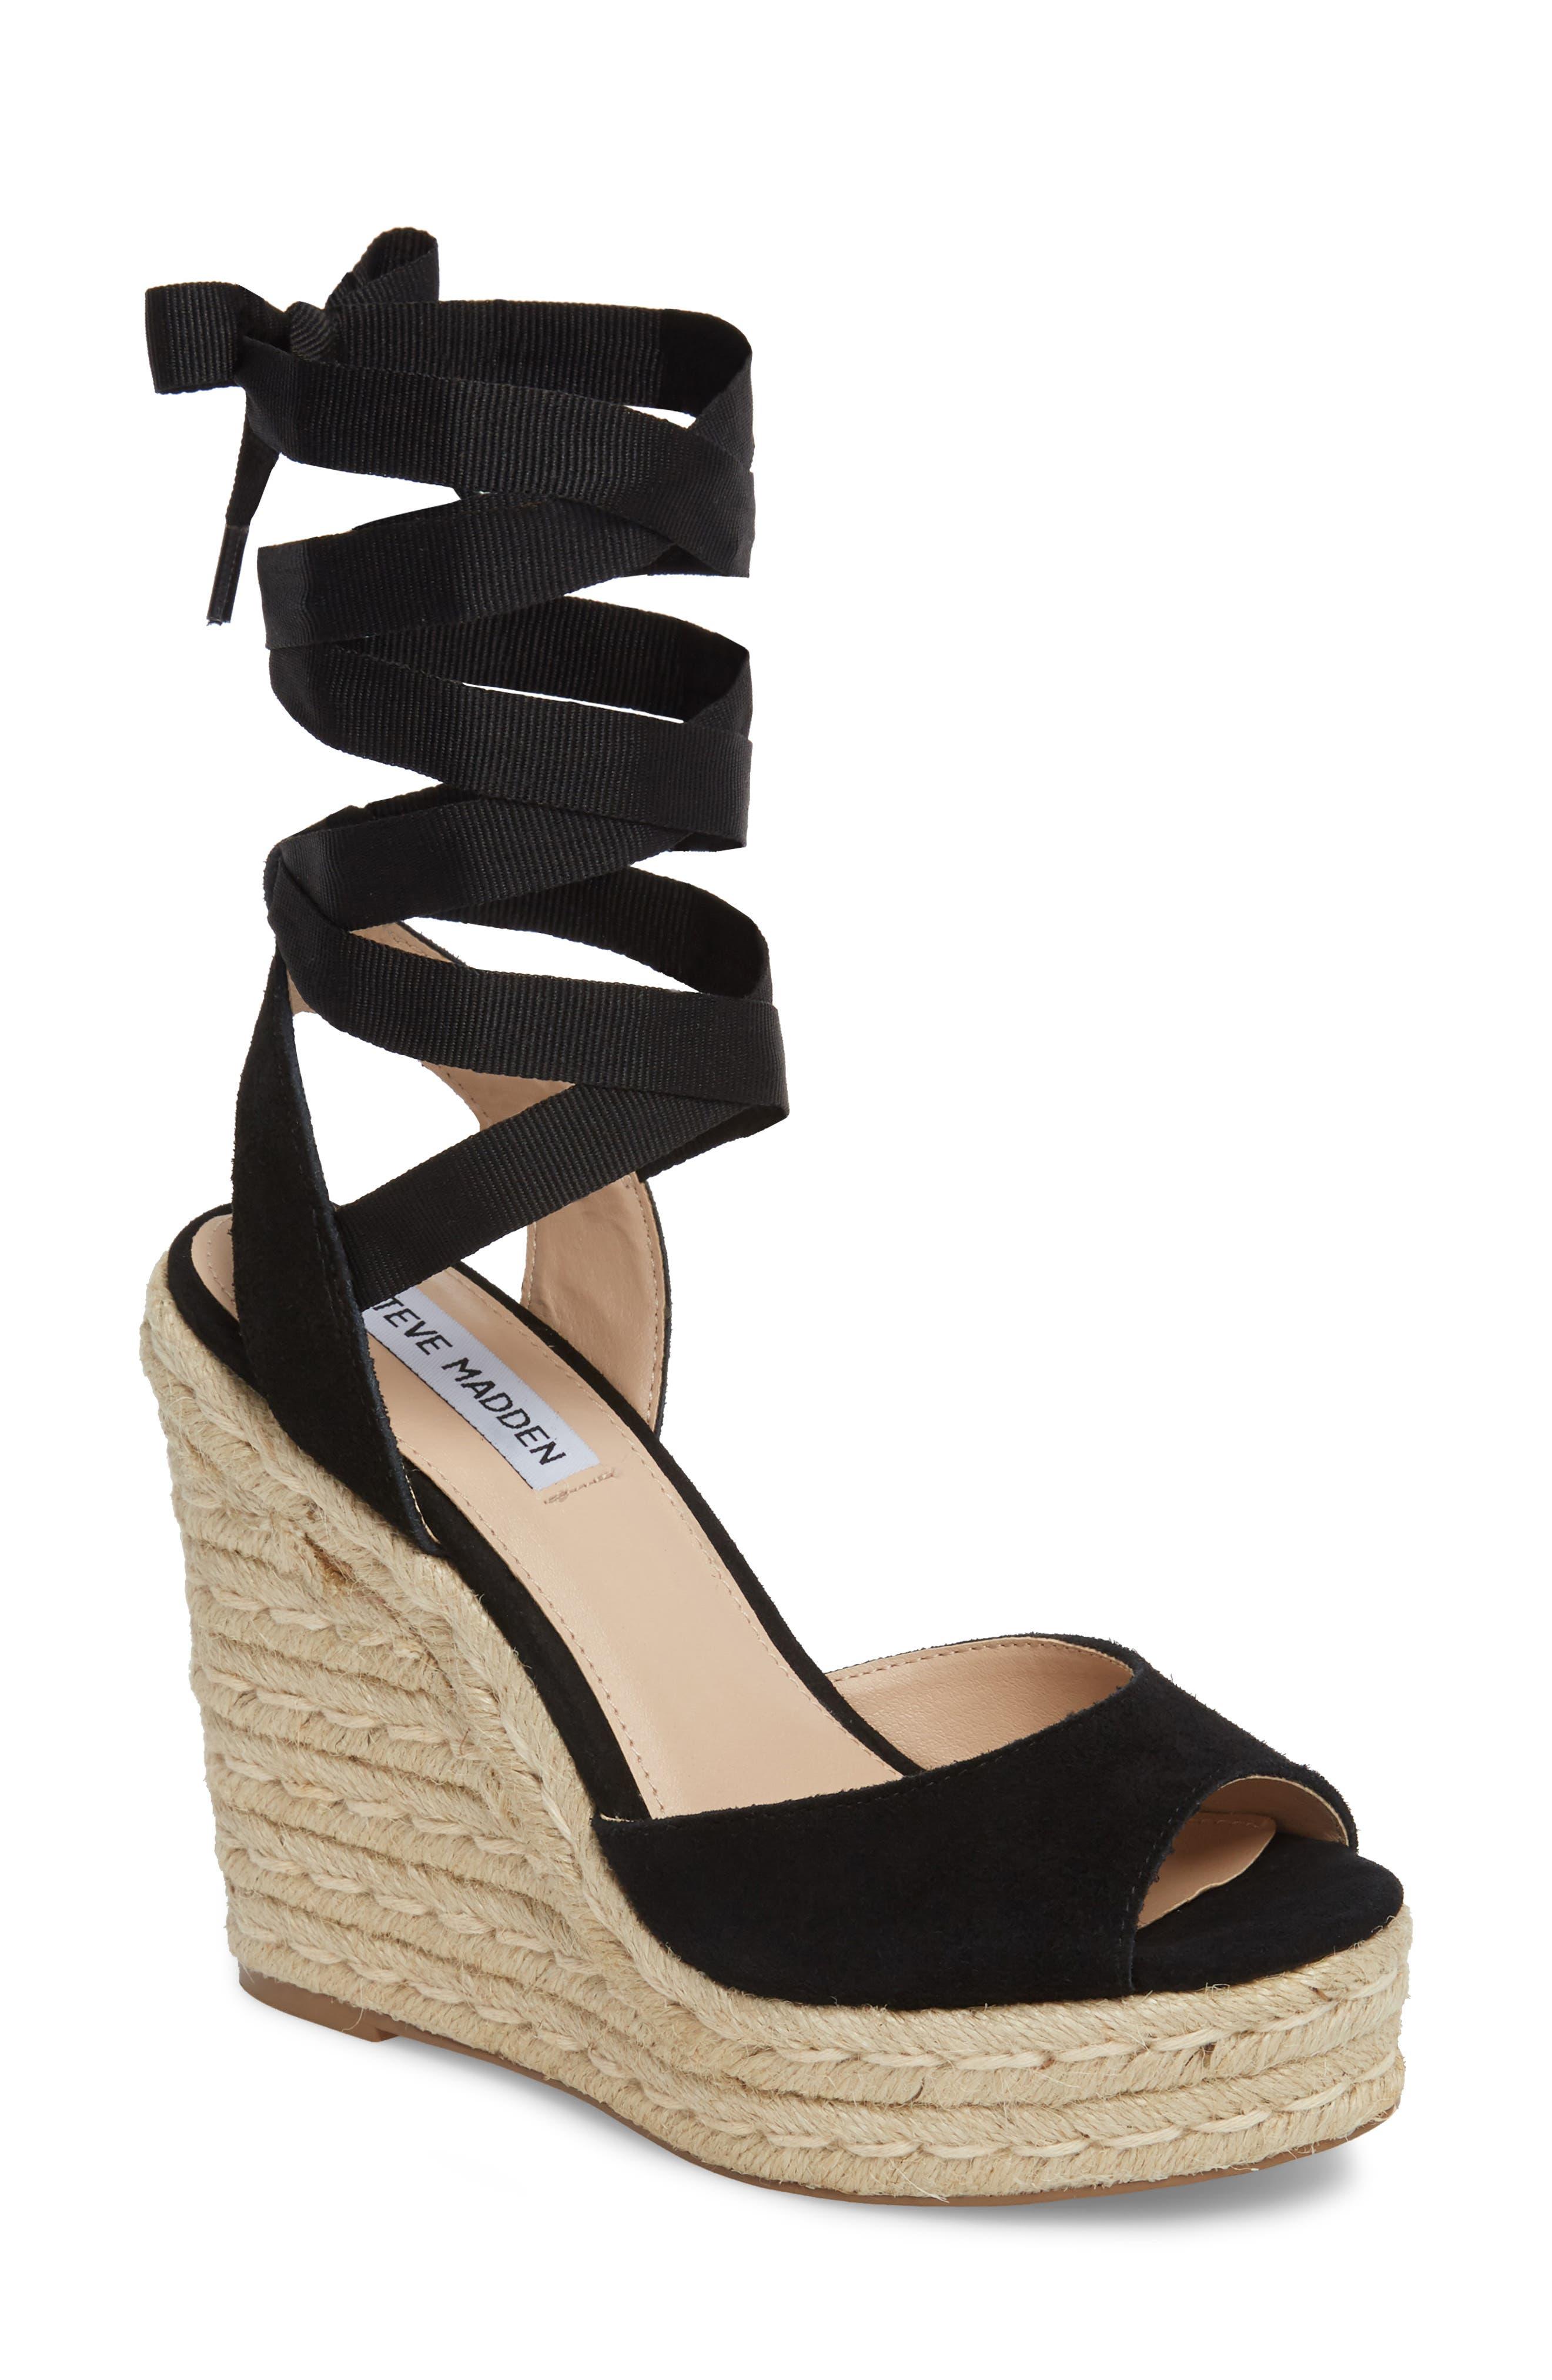 Secret Wedge Wraparound Sandal,                             Main thumbnail 1, color,                             Black Suede